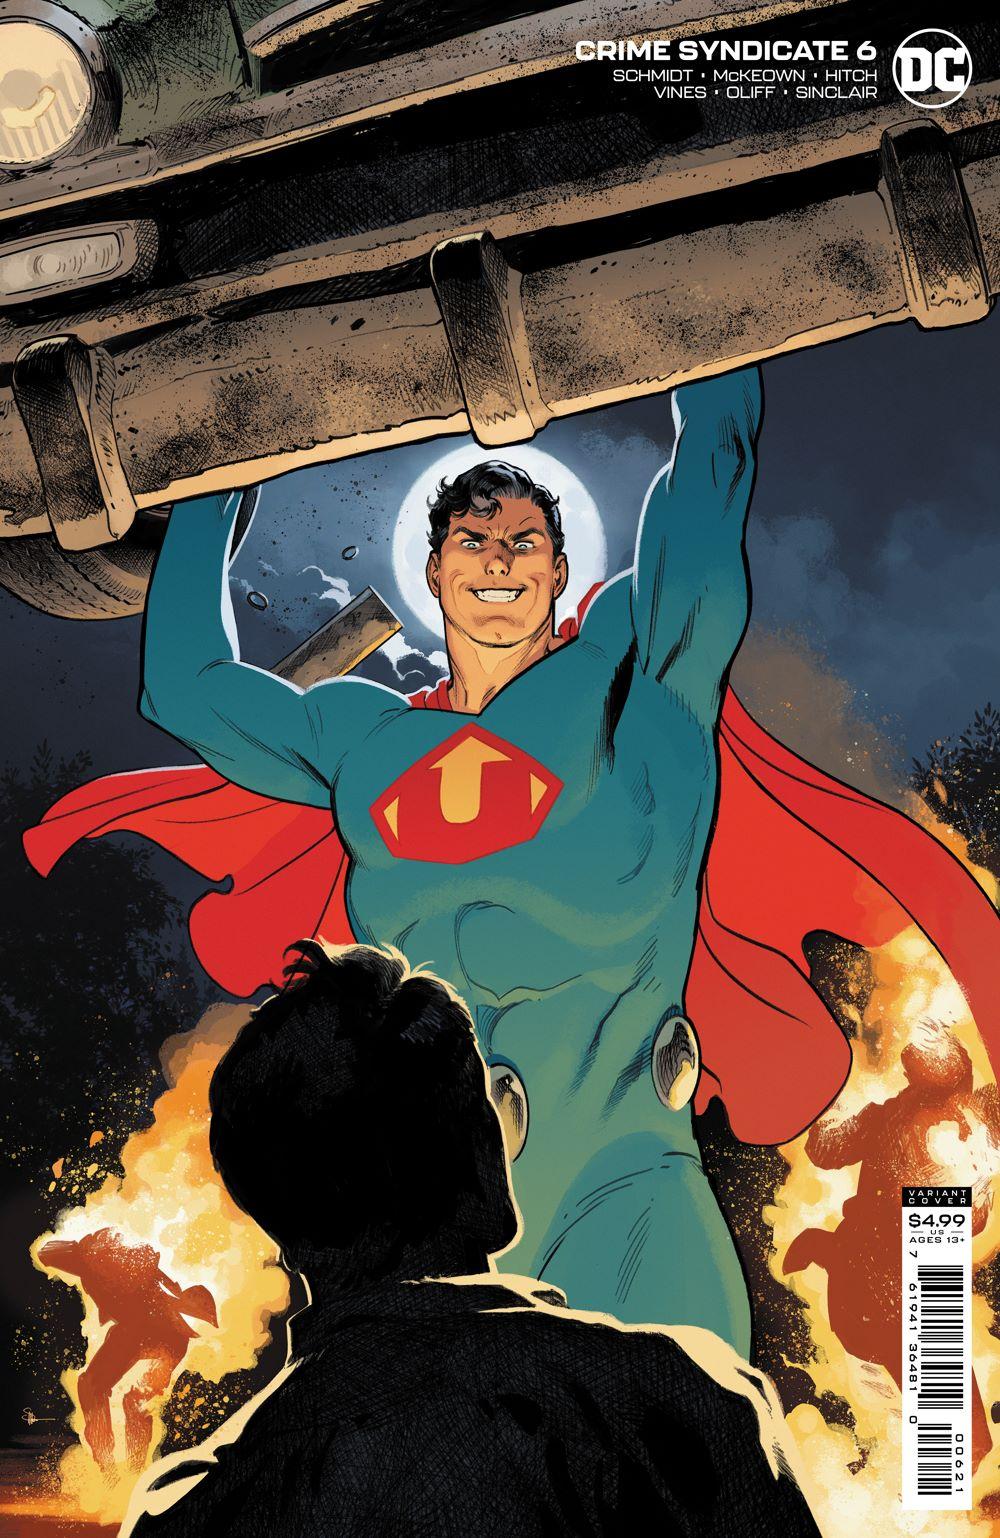 CS_Cv6_var_00621 DC Comics August 2021 Solicitations